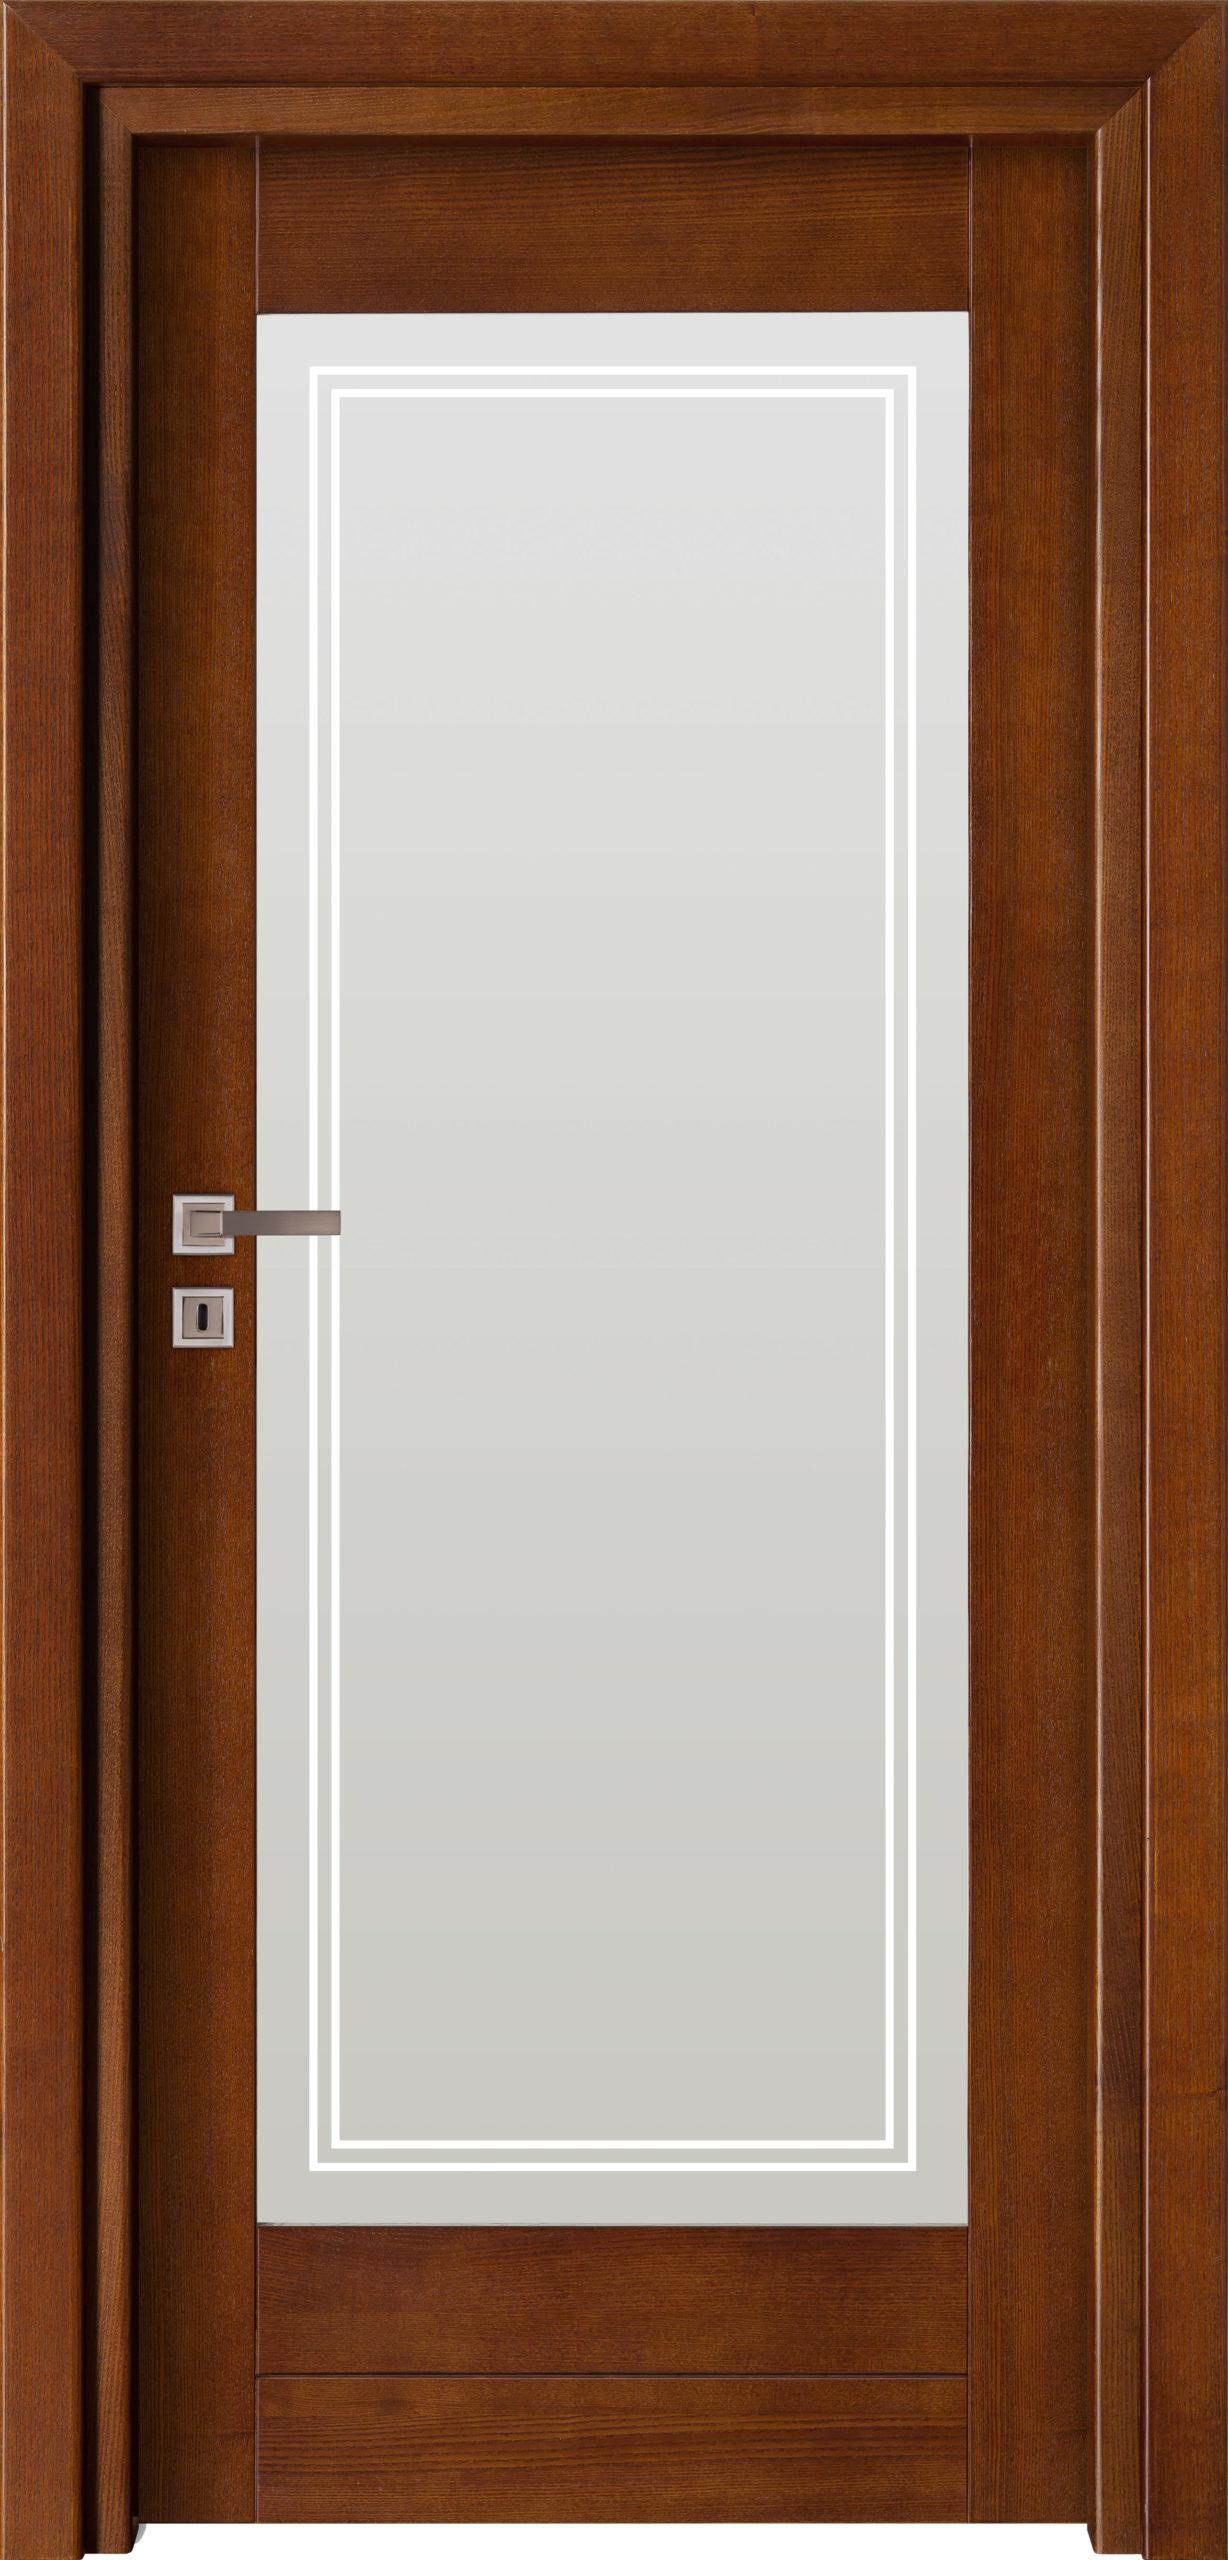 Sevilla D4 - jesion - ciemny calvados - szklenie lacomat bezpieczny z piaskowaniem - ościeżnica przylgowa regulowana drewniana prosta (IIa)